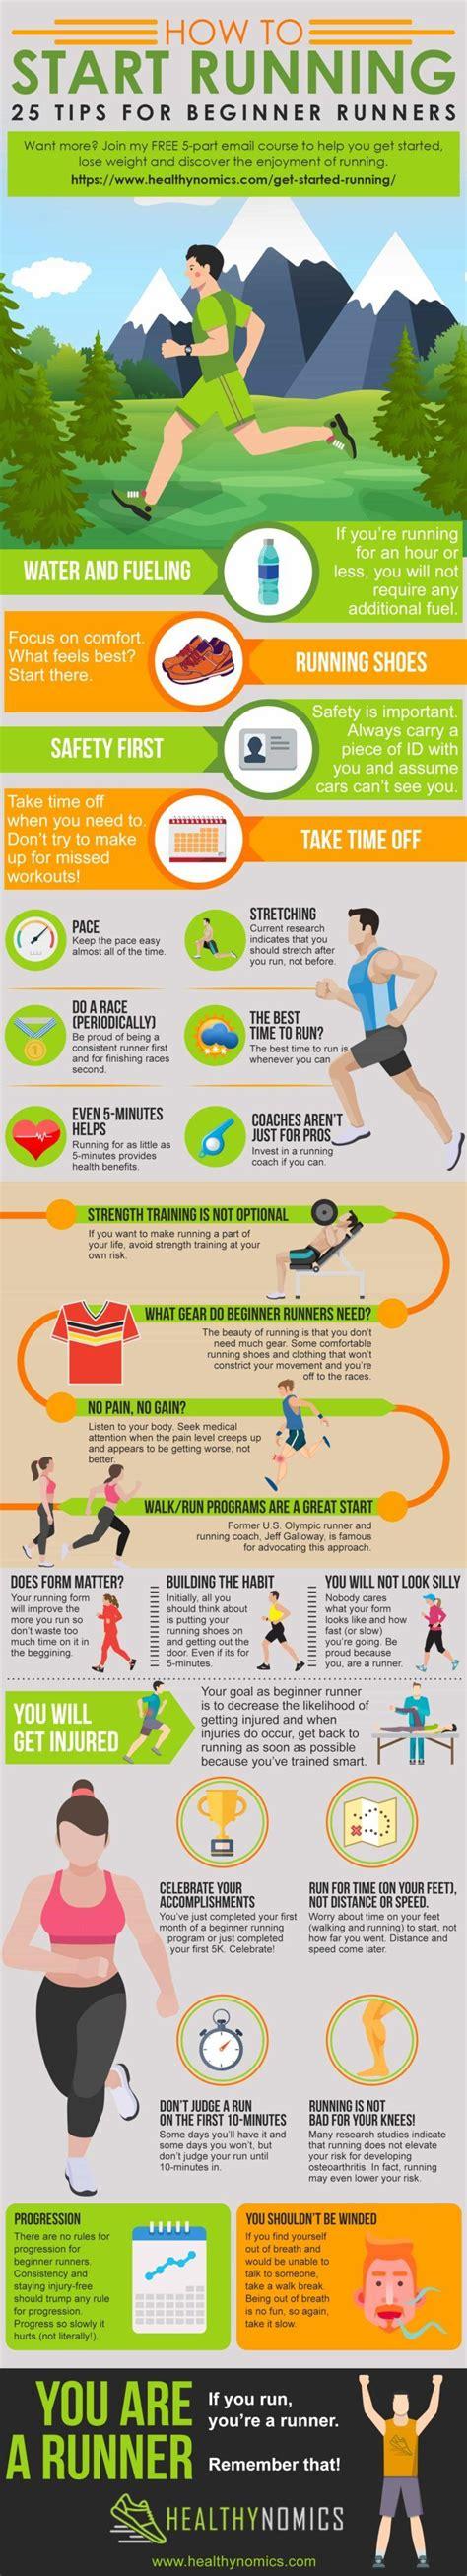 25 Tips for Beginner Runners | How to start running ...